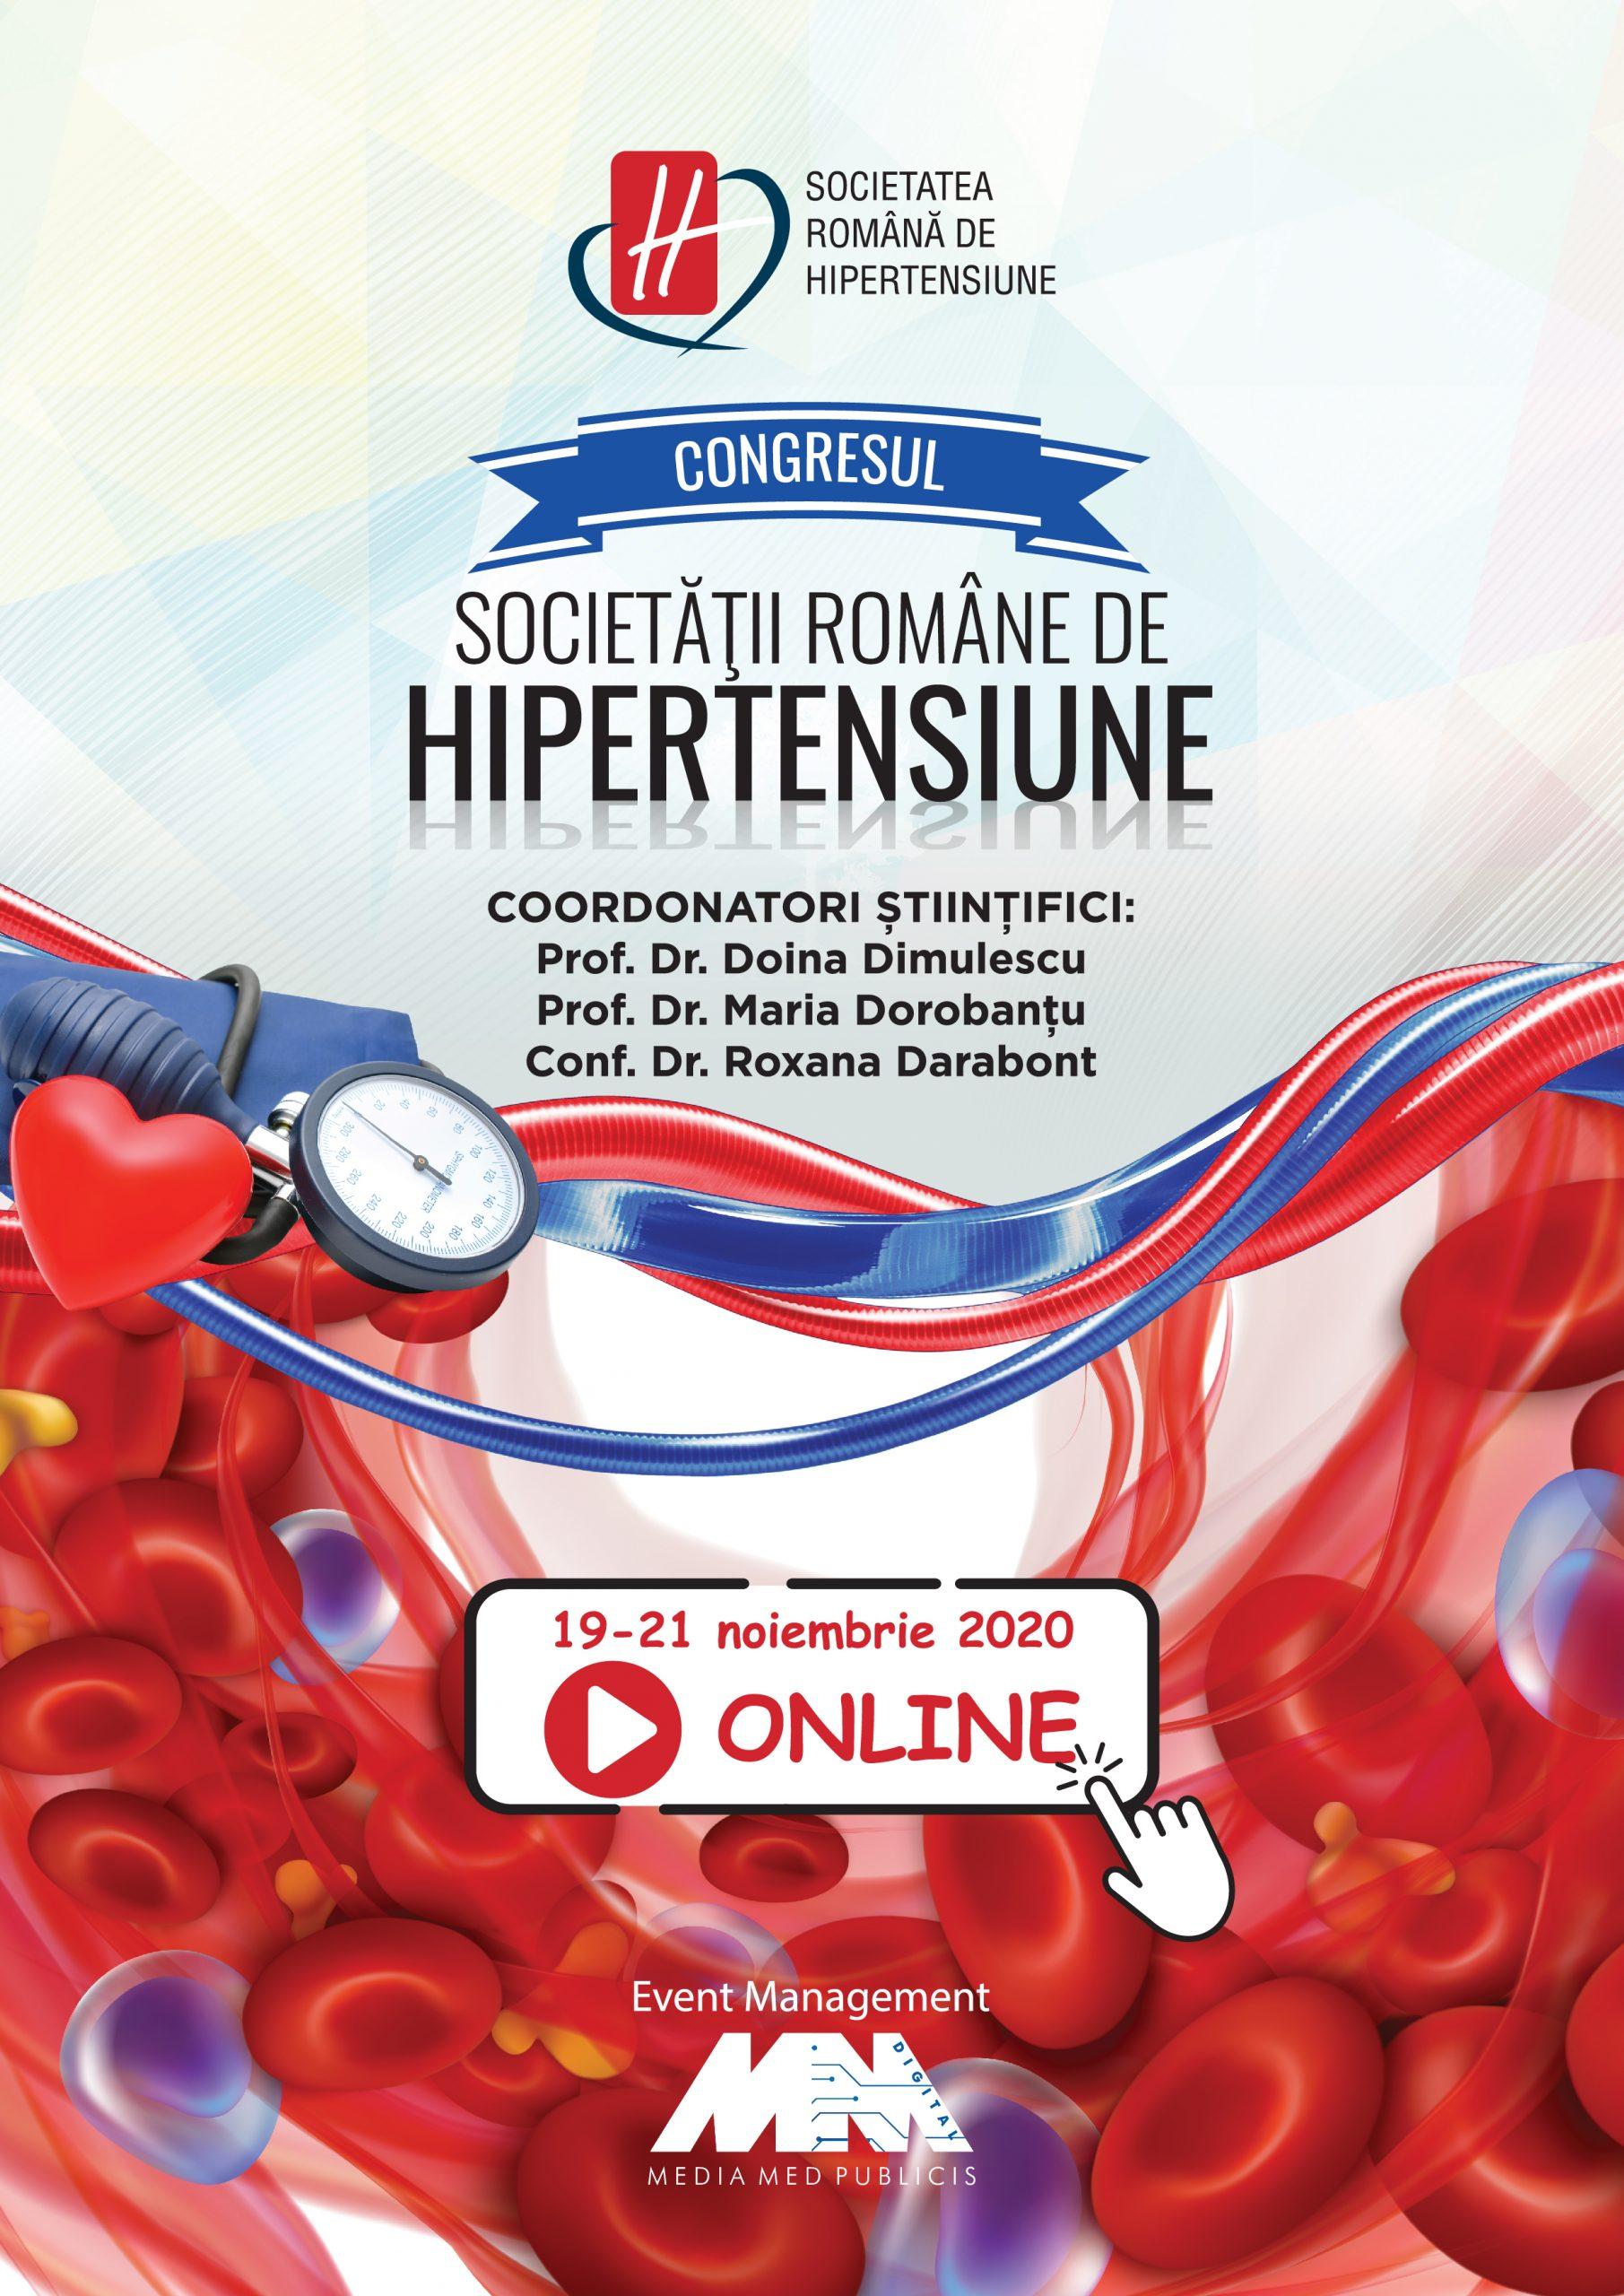 Congresul Societăţii Române de Hipertensiune Arterială se va desfăşura online, în zilele de 19-21 noiembrie